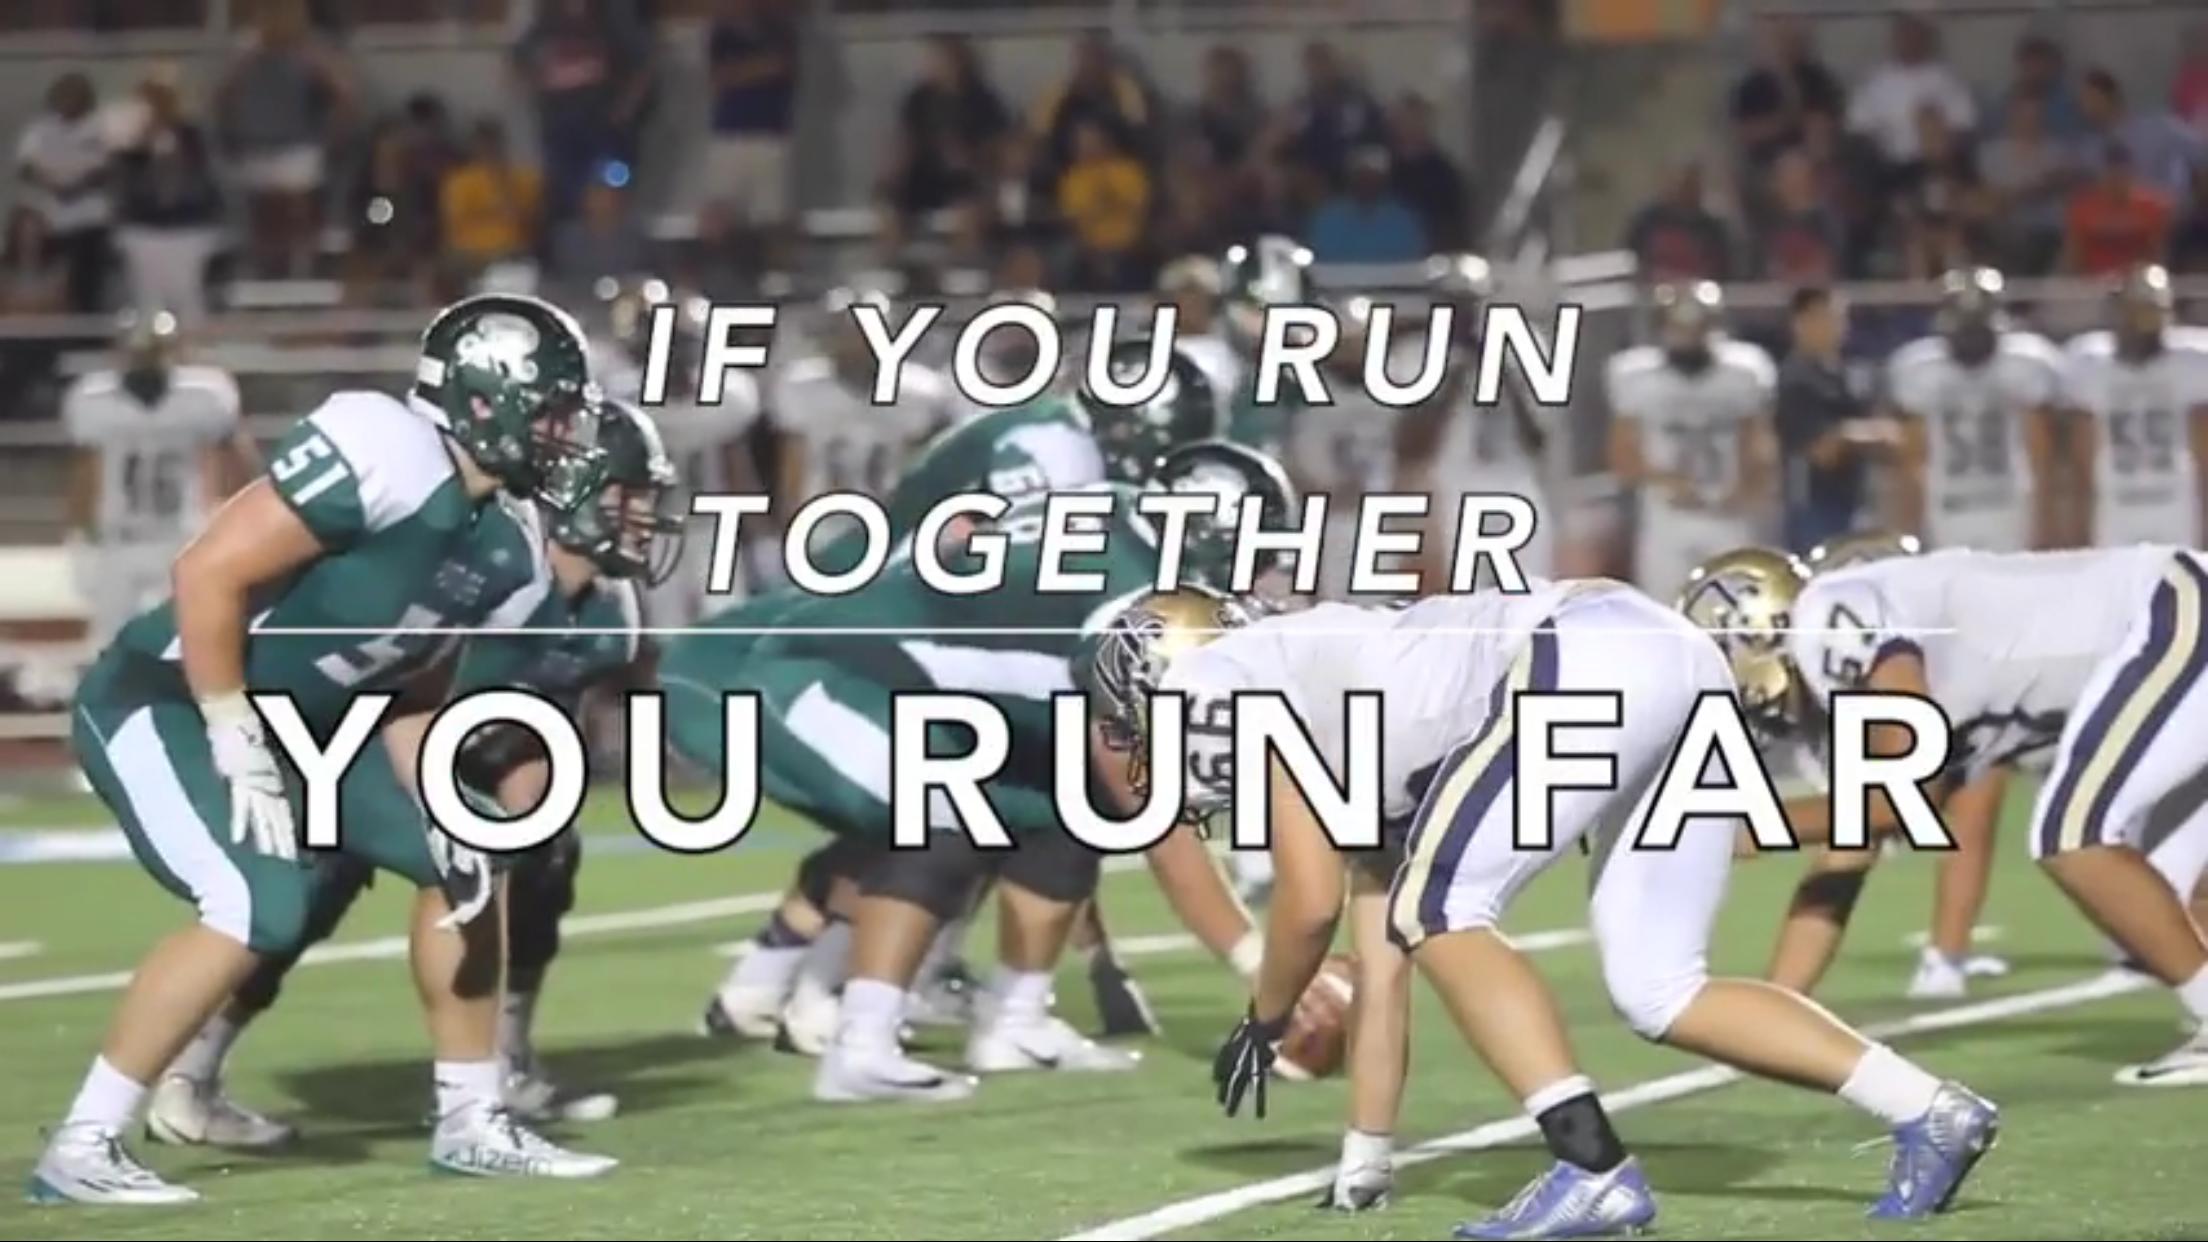 Run Far